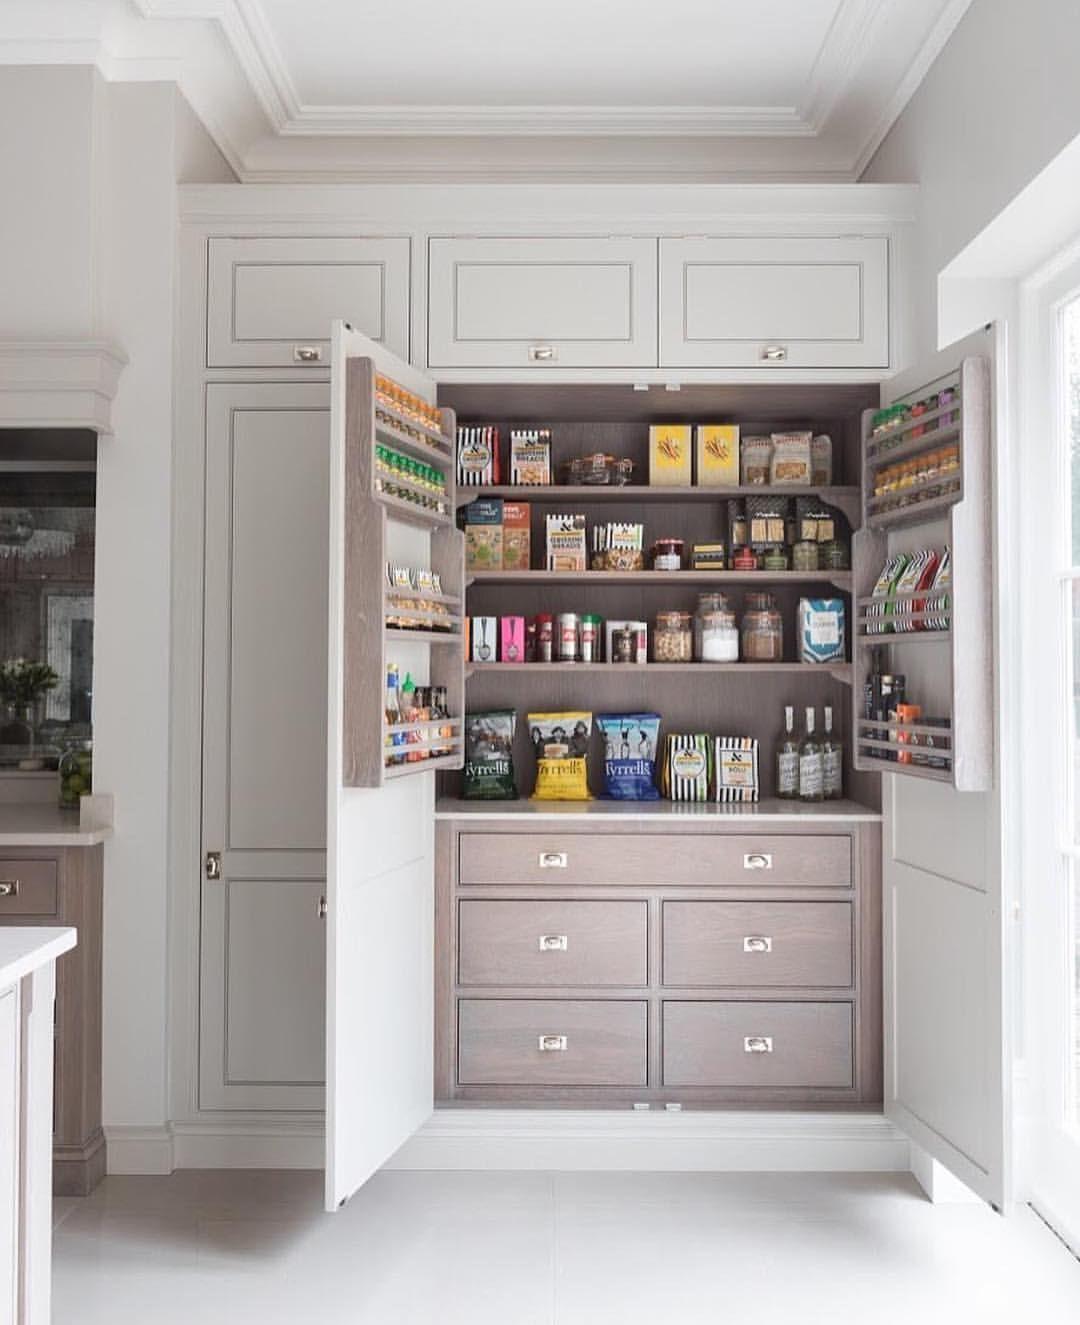 Pin von Sonia D. Cook auf home | Pinterest | Instagram, Küche und ...